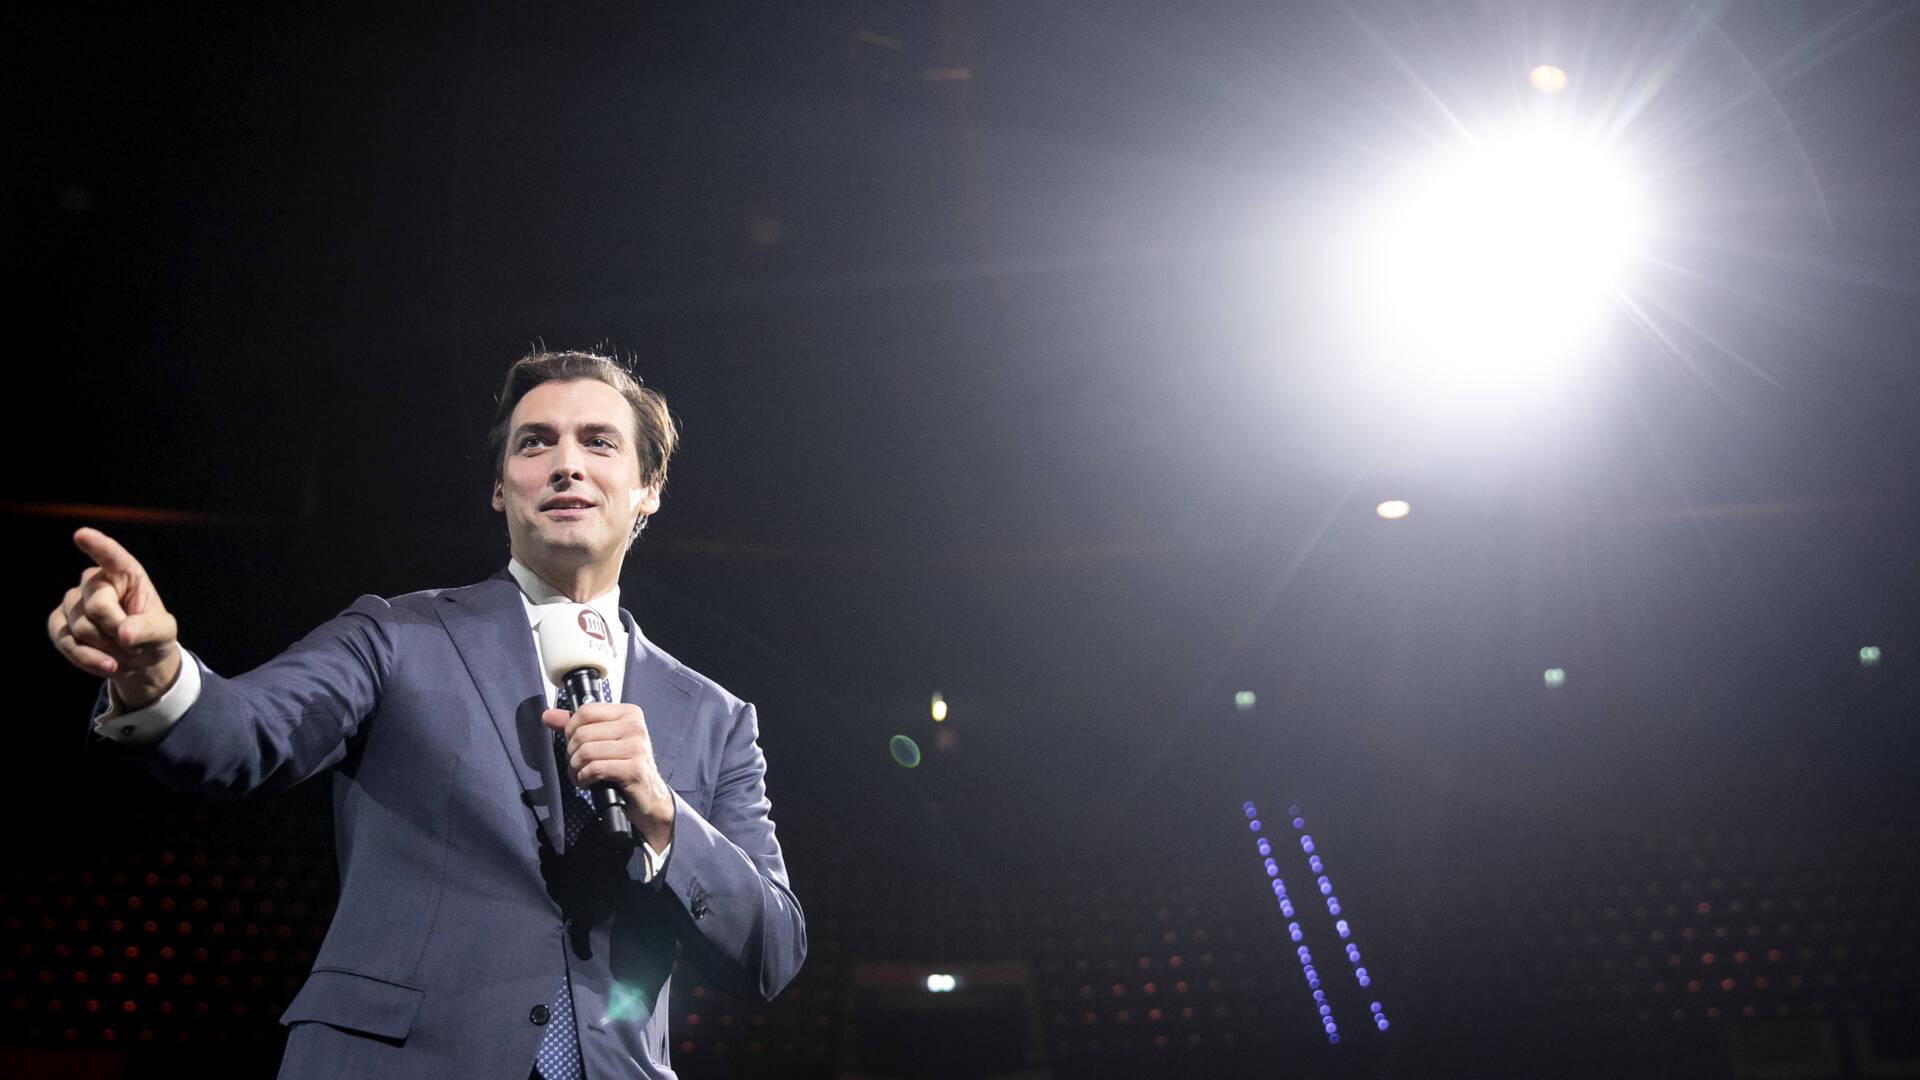 Thierry Baudet يتنحى عن منصب رئيس الحزب لمنتدى الديمقراطية